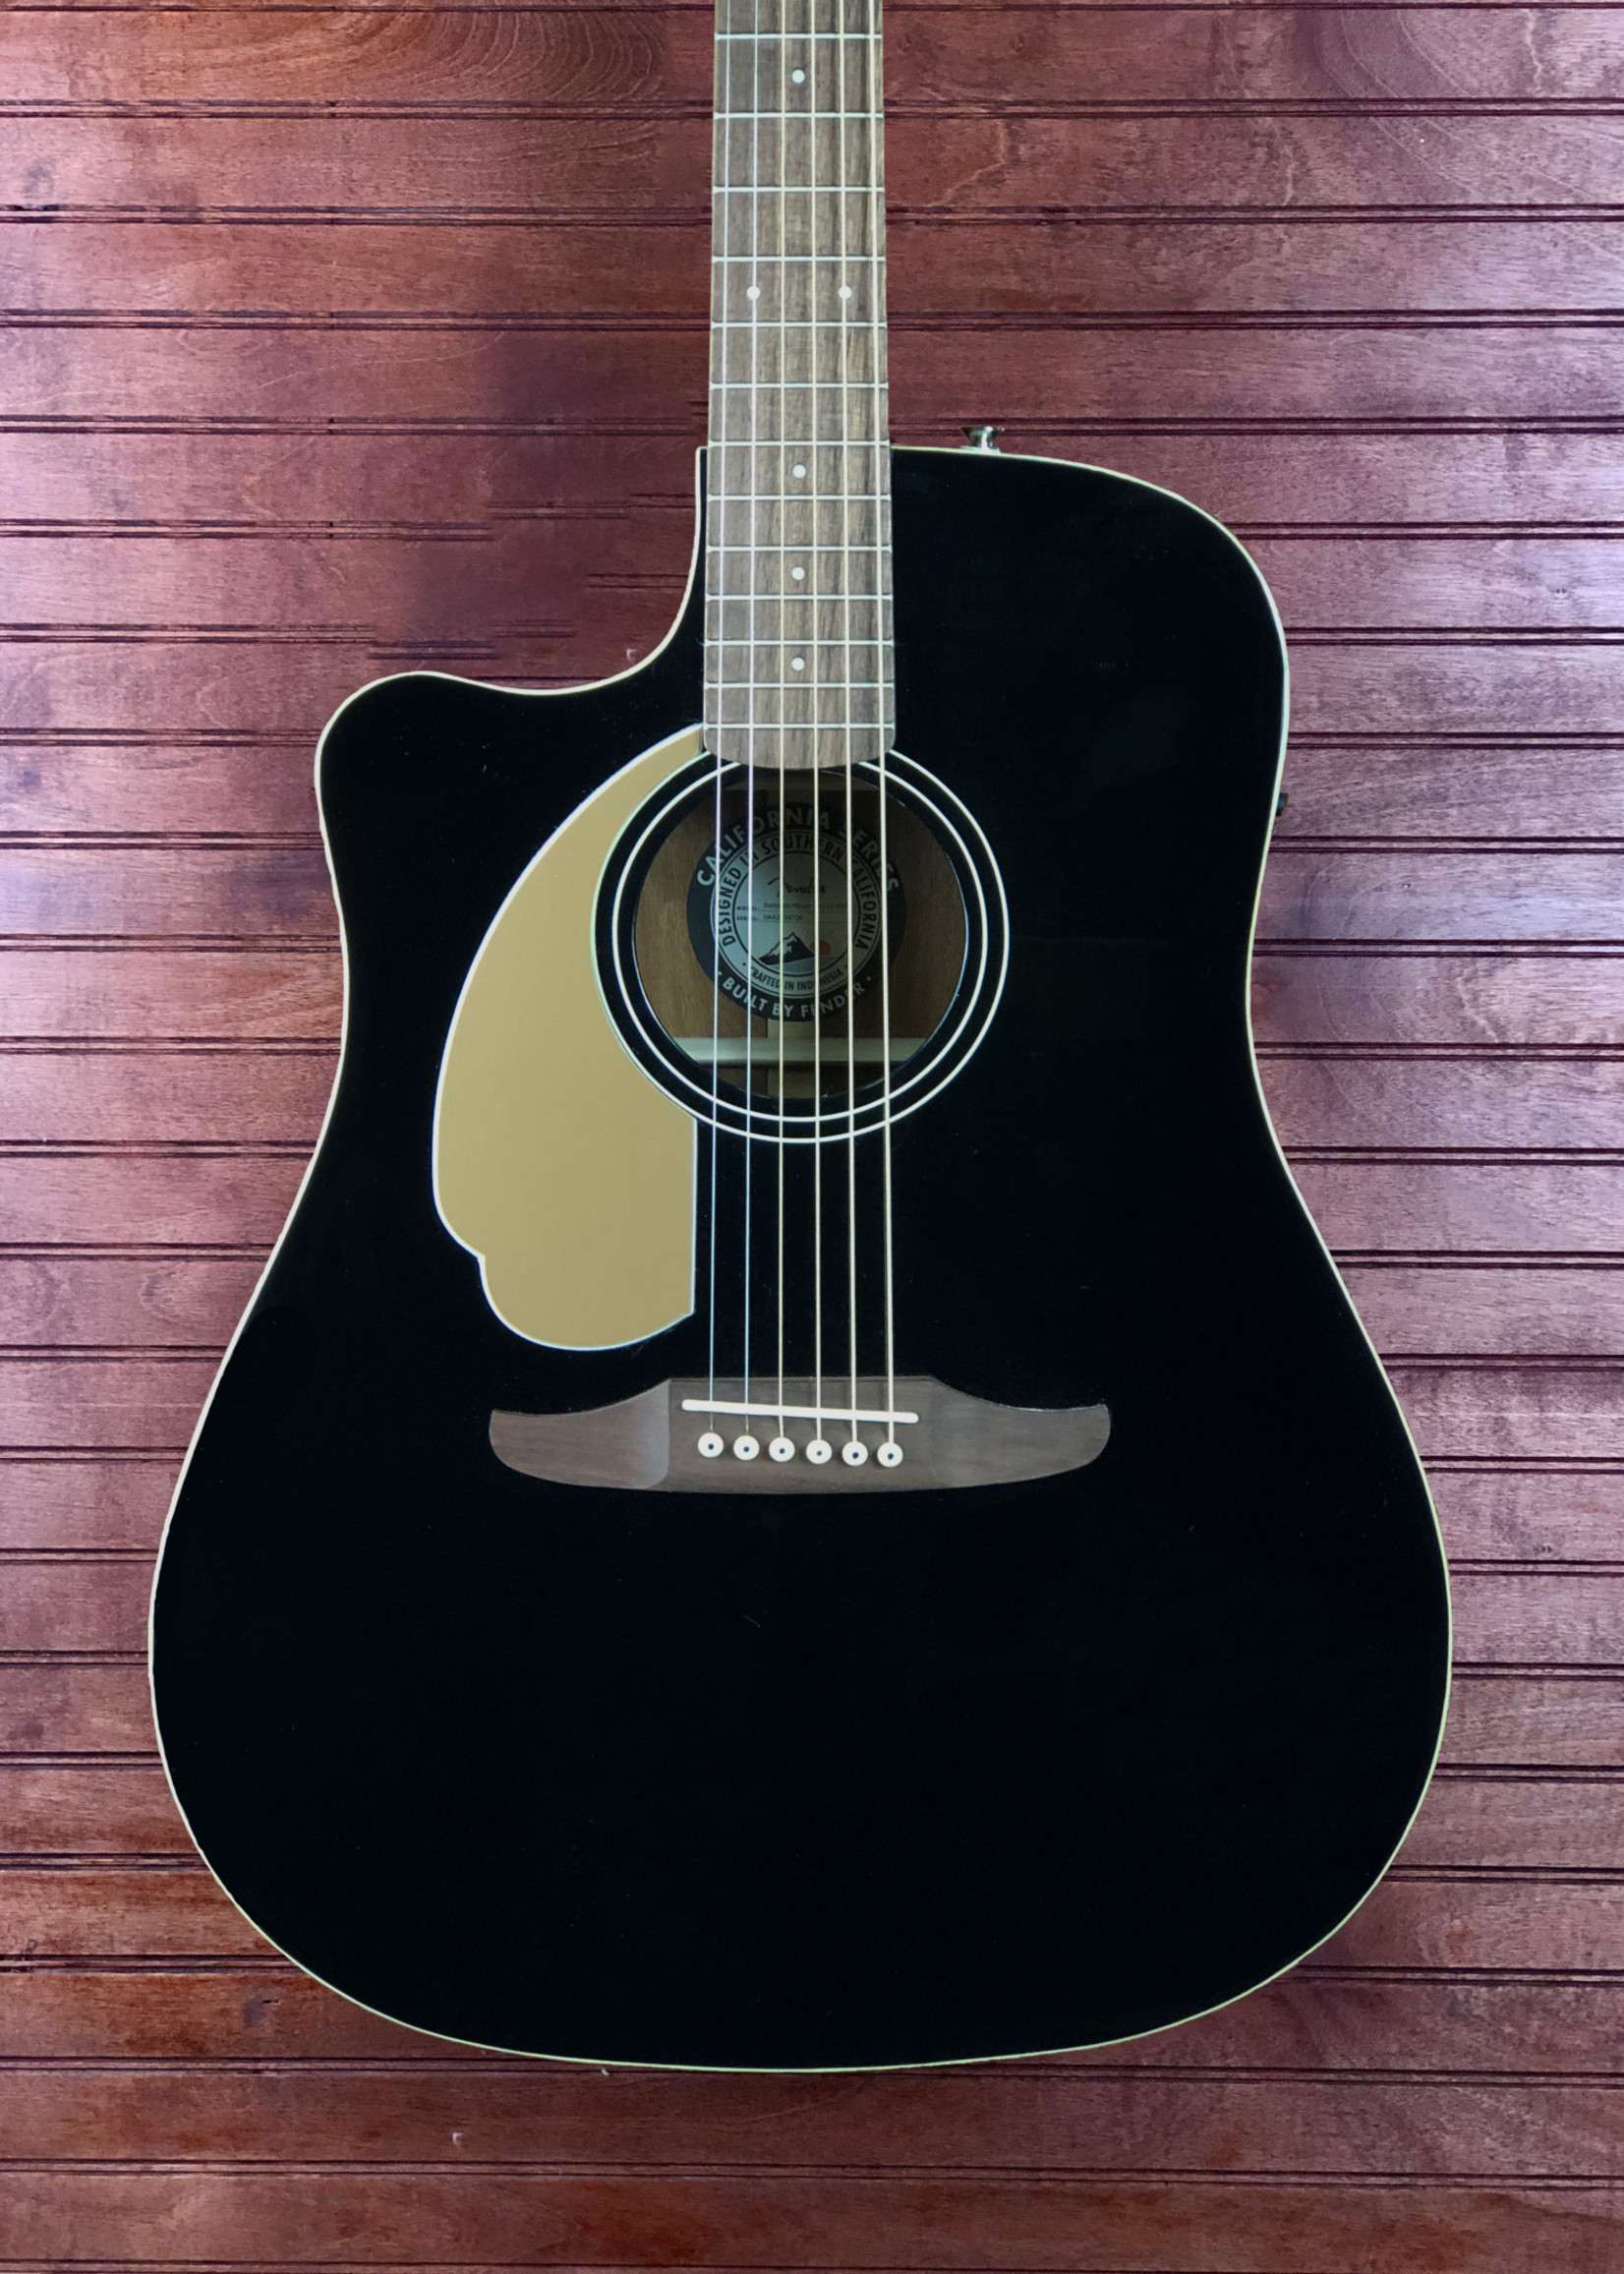 Fender Redondo Player Jetty Black Left Handed